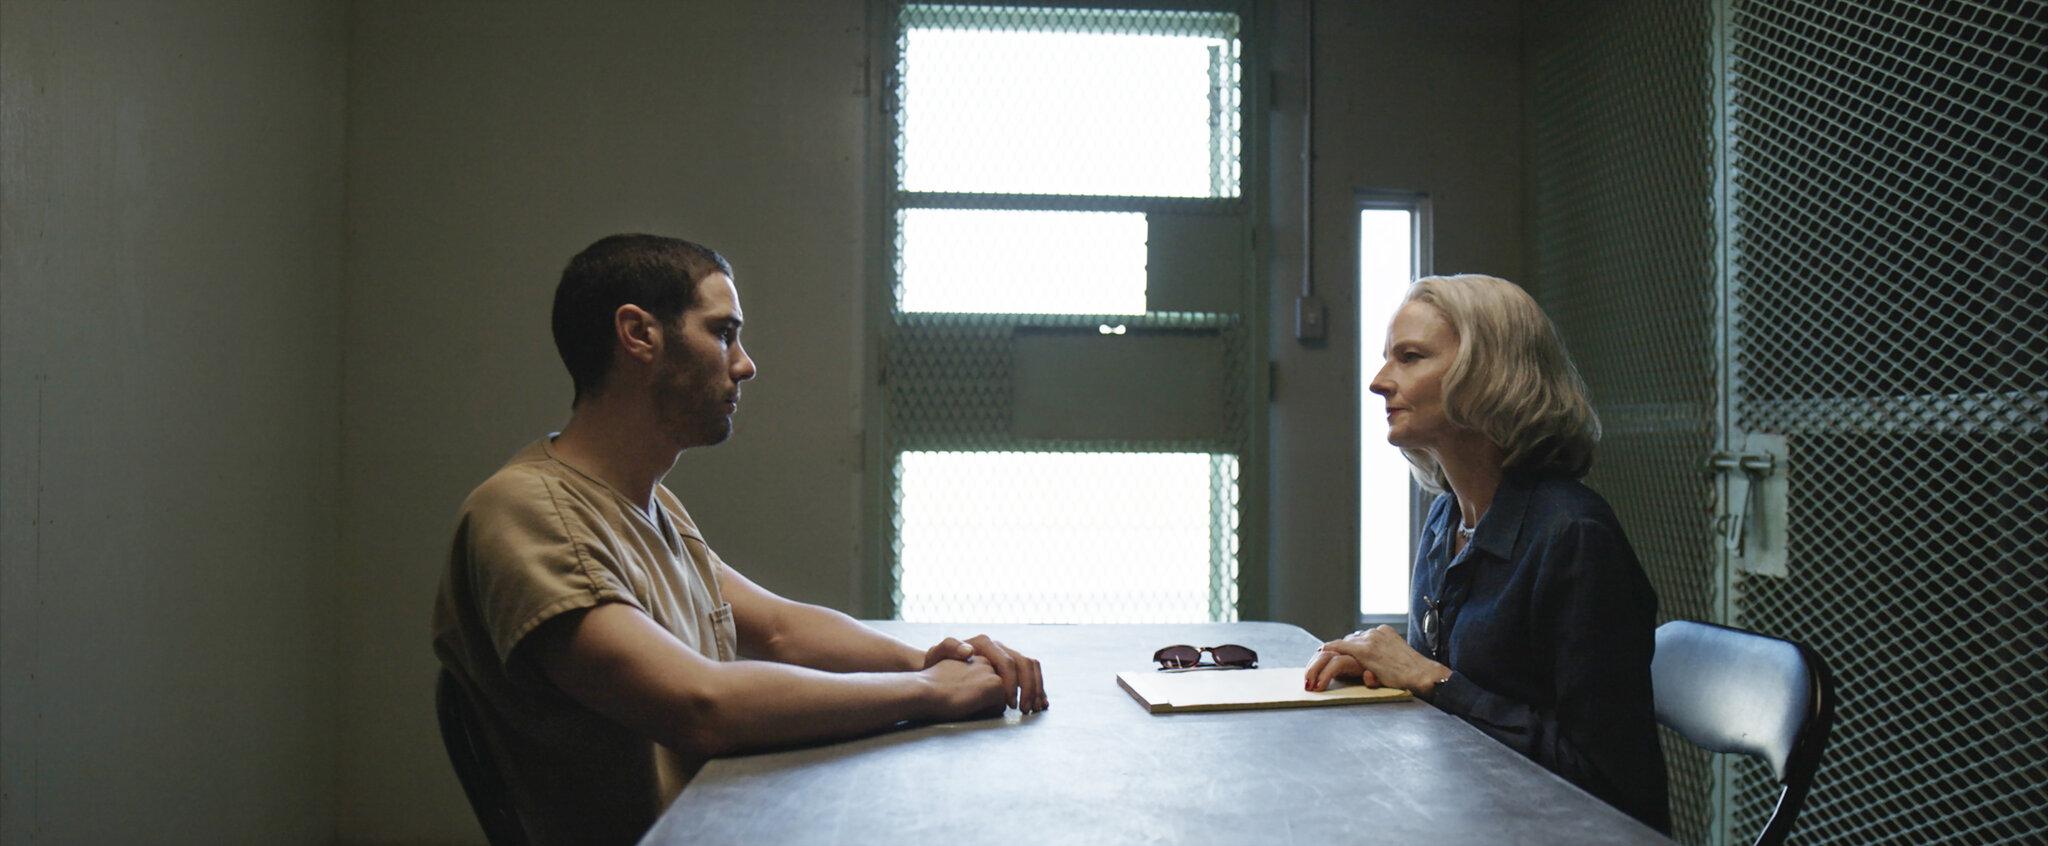 Cena do filme The Mauritanian. Vemos Tahar Rahim e Jodie Foster sentados frente a frente, separados por uma mesa de ferro, o cenário é uma sala de presídio. Tahar veste uma camiseta bege e tem as mãos na mesa. Ele tem pele marrom clara e cabelos pretos rente à cabeça. Jodie veste blusa azul escuro e tem o cabelo grisalho e na altura dos ombros. Eles se olham nos olhos. Jodie tem uma pasta e um celular prostrados na mesa à sua frente.